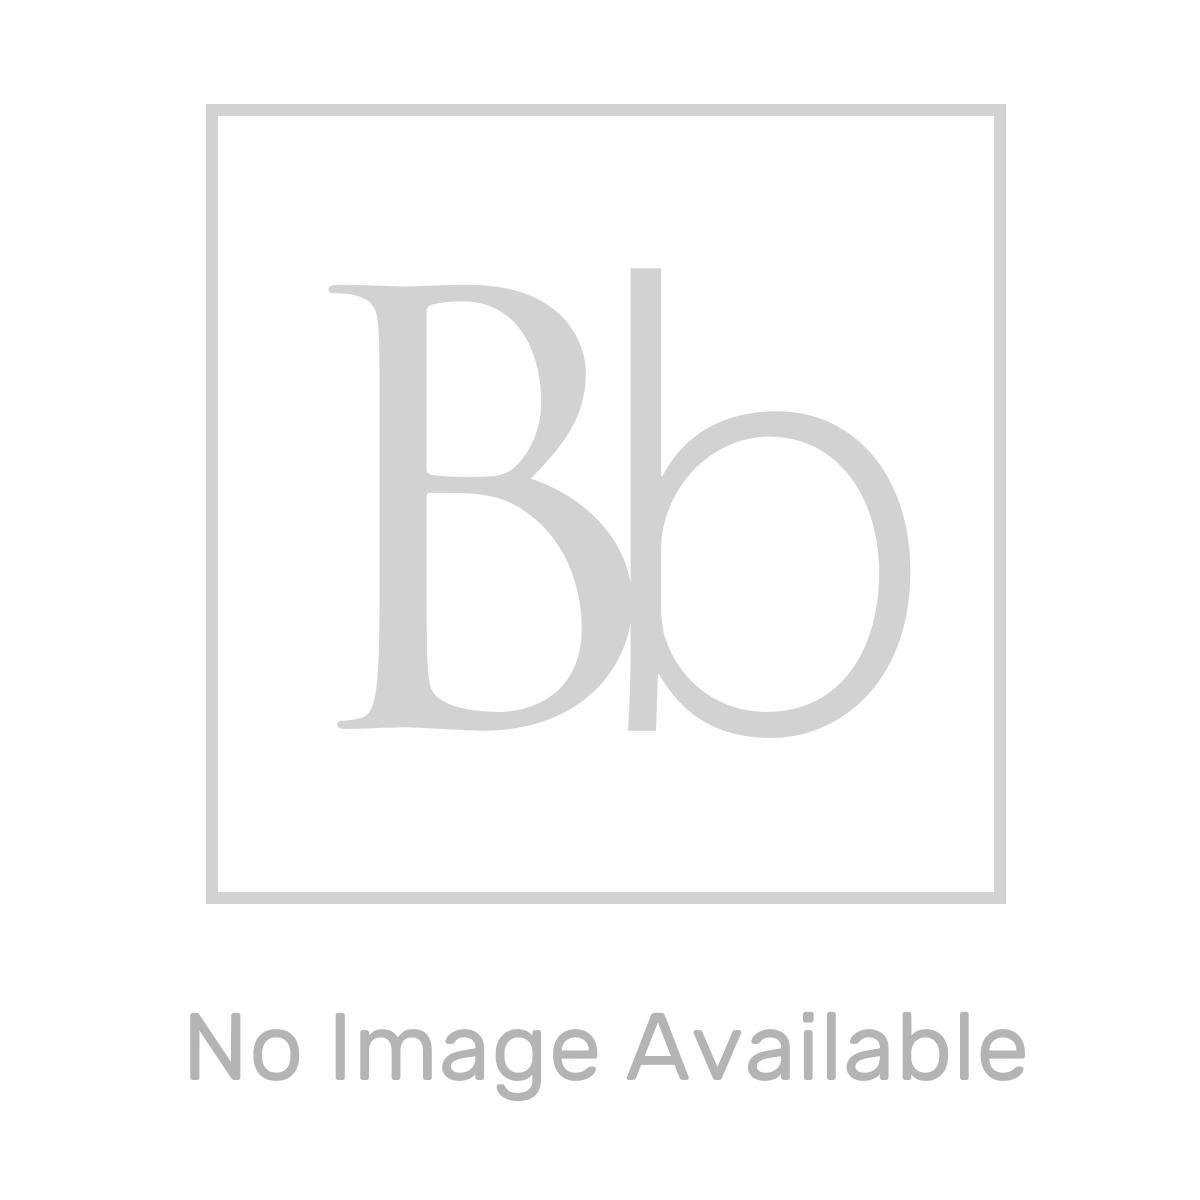 Aquadart Aqualavo Black Slate Quadrant Shower Tray 800 x 800